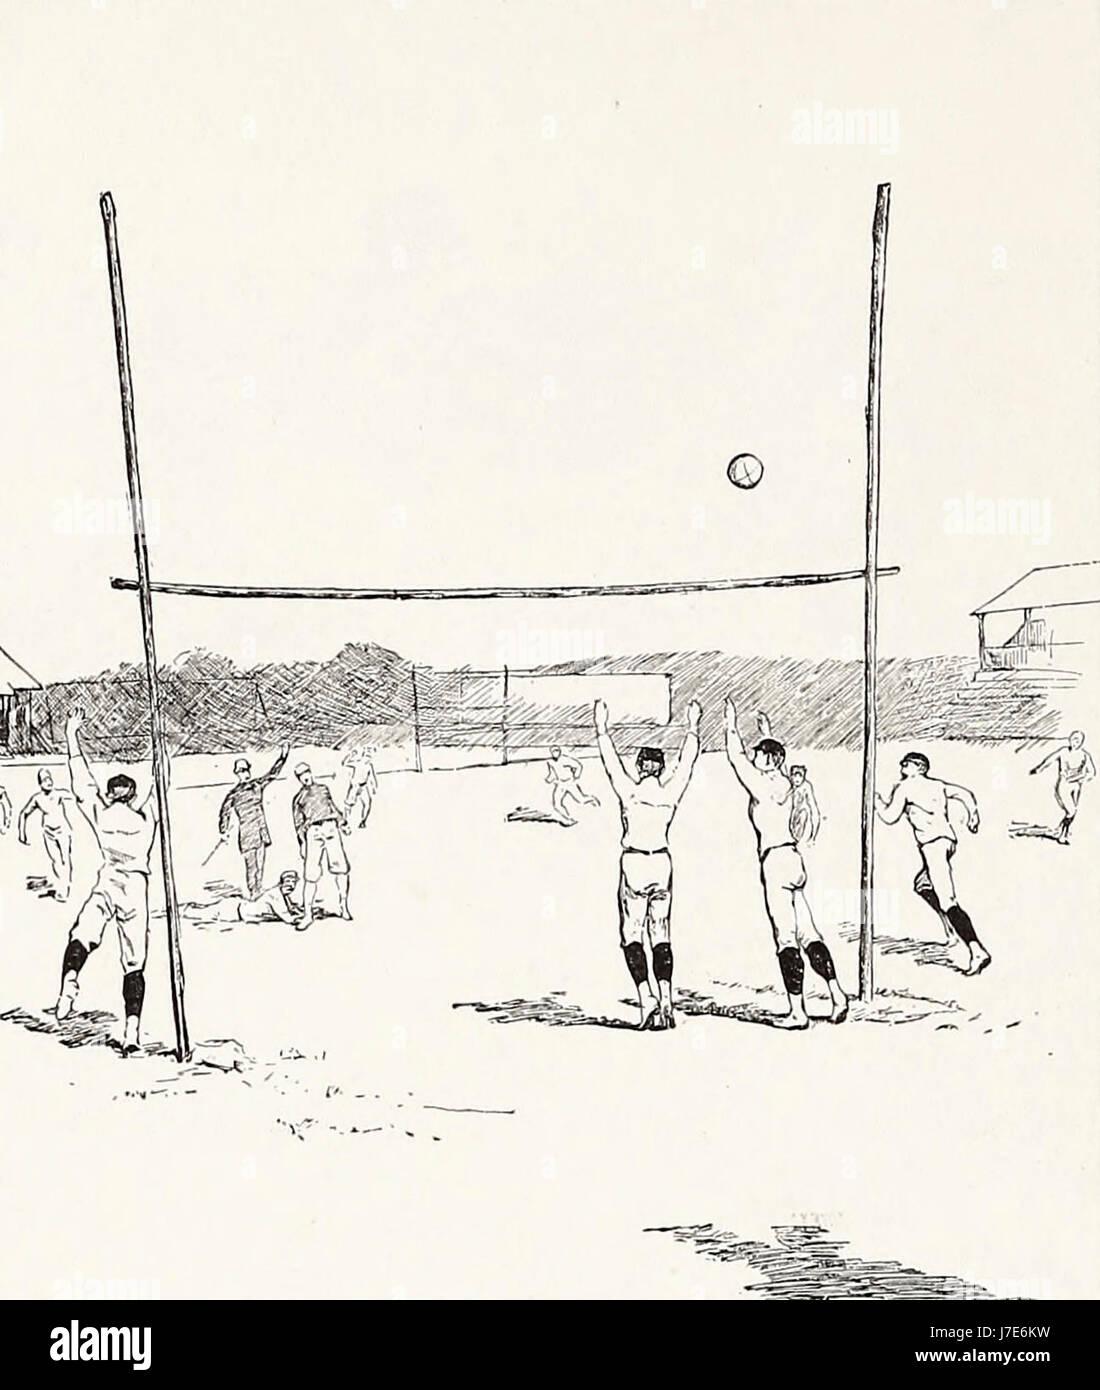 Un gol de campo - Fútbol Americano, 1887 Imagen De Stock